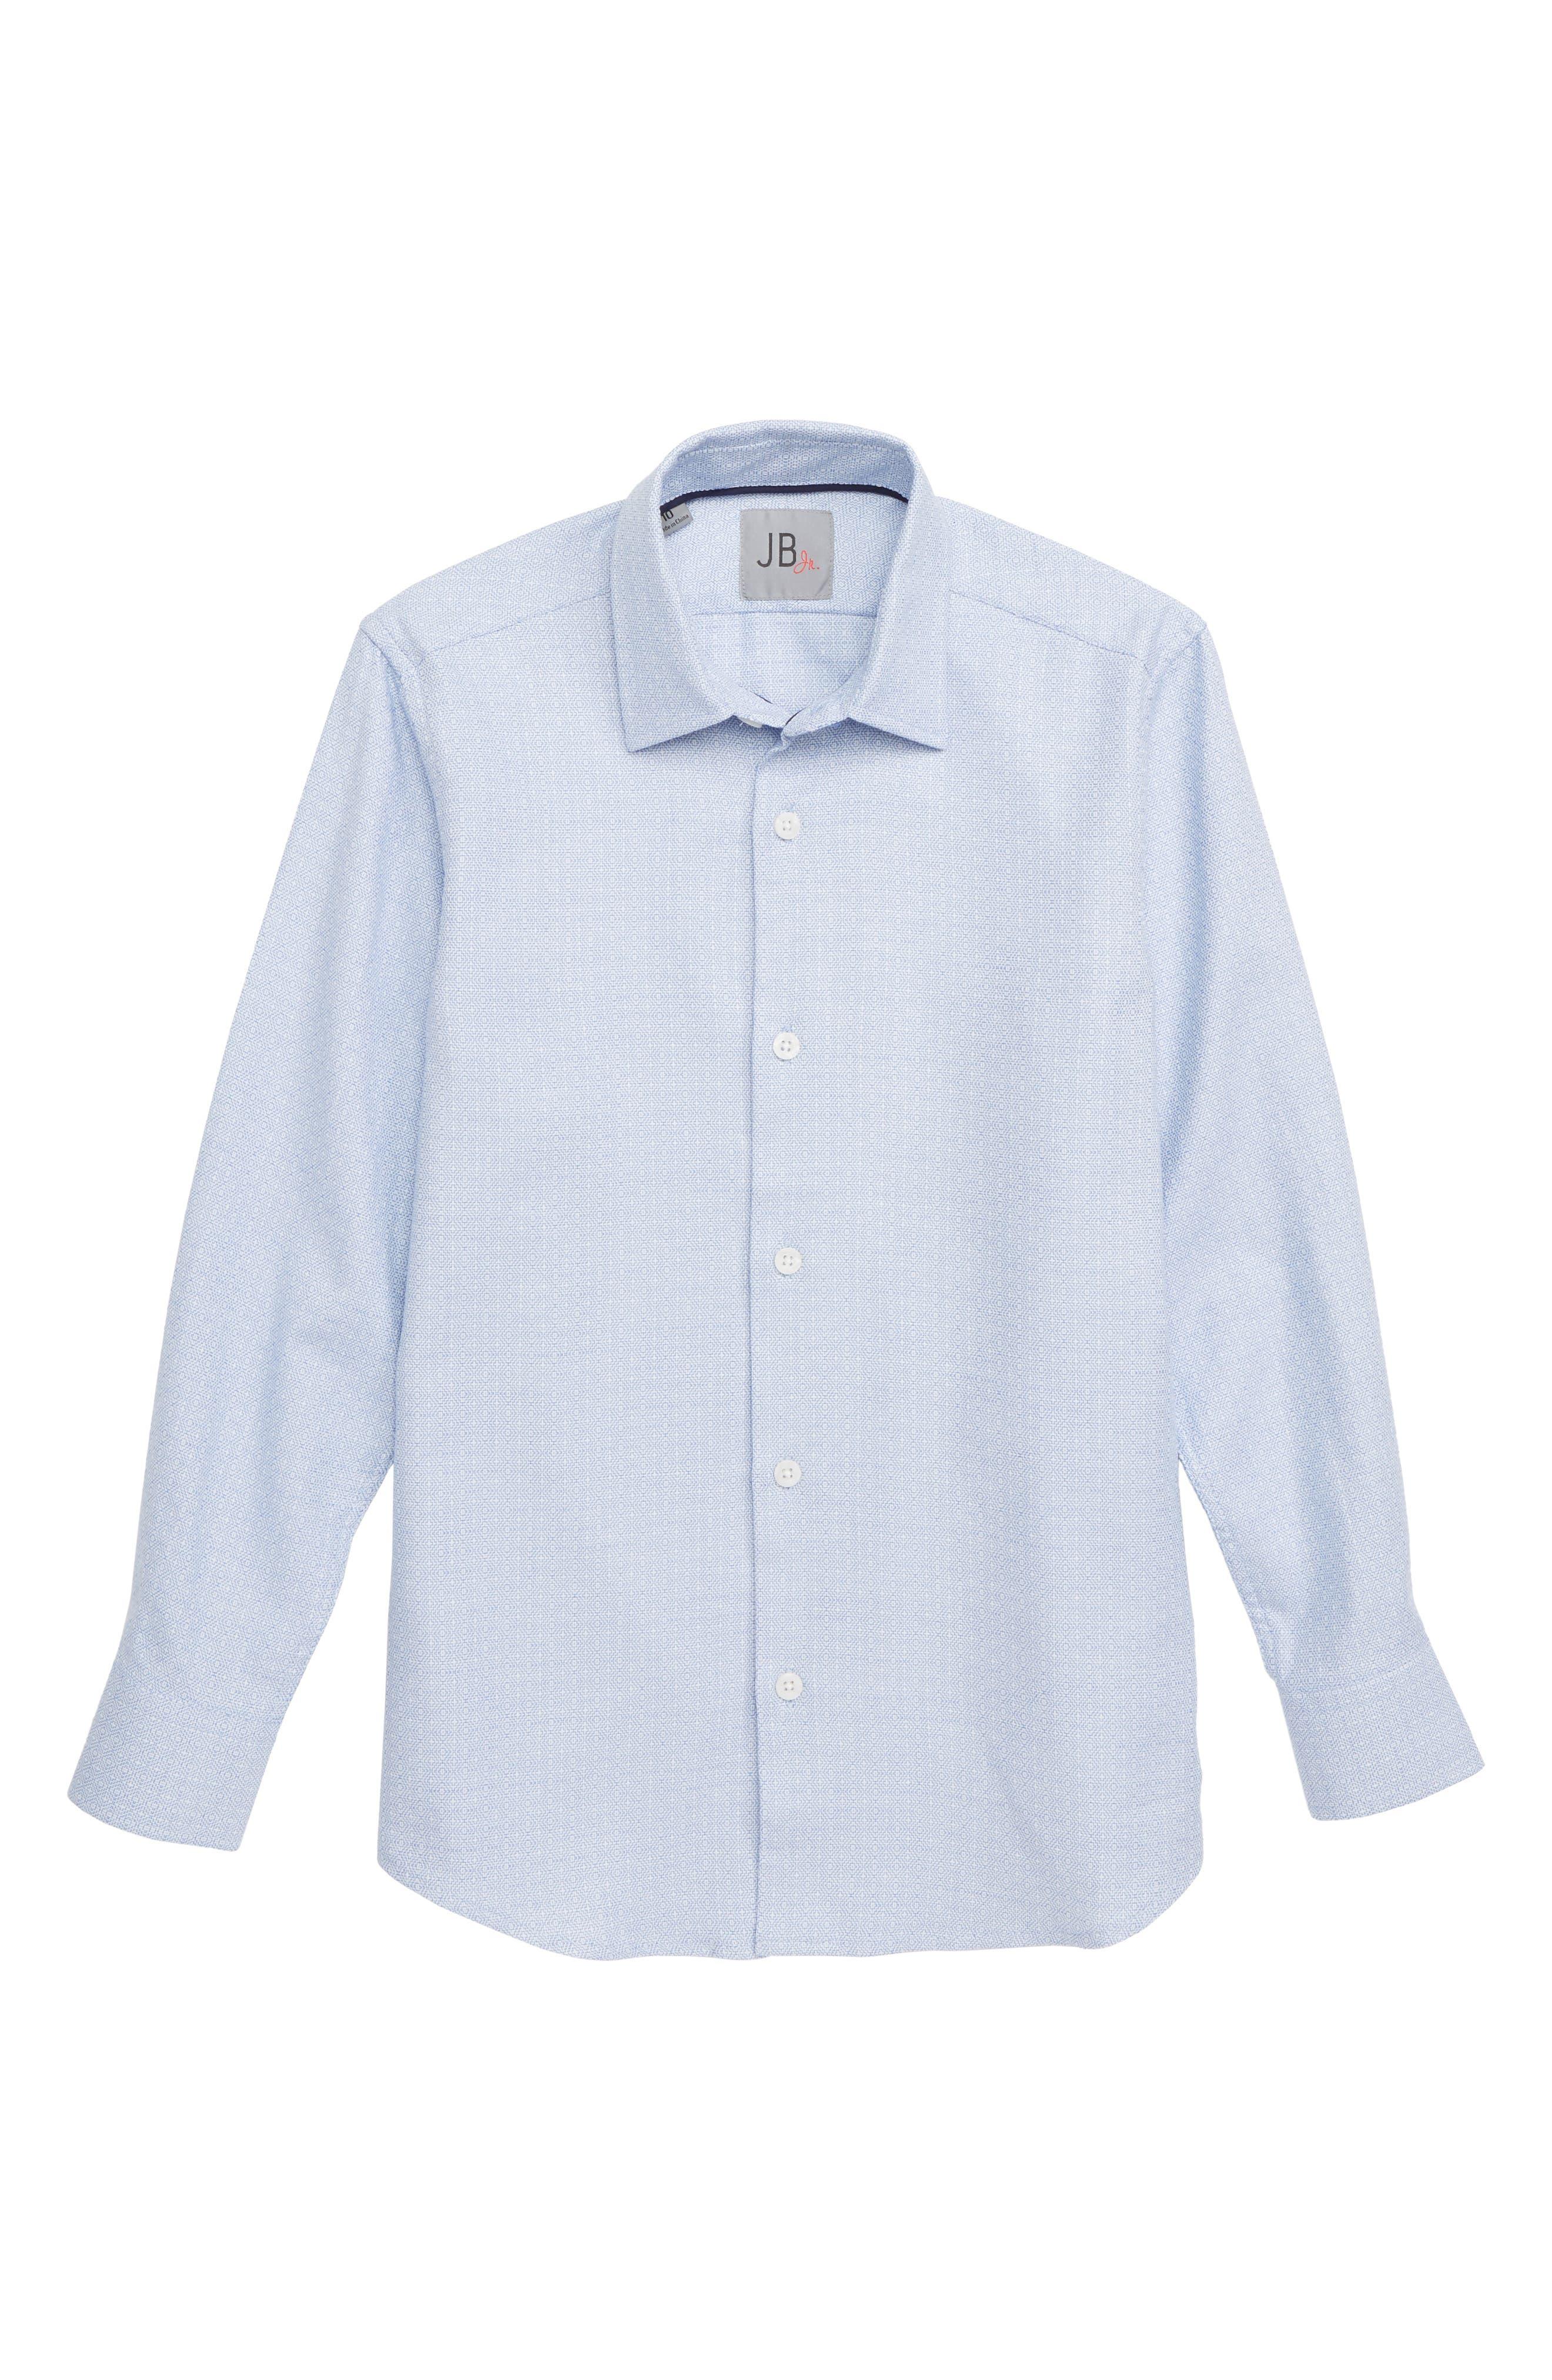 Tile Pattern Dress Shirt,                         Main,                         color, BLUE